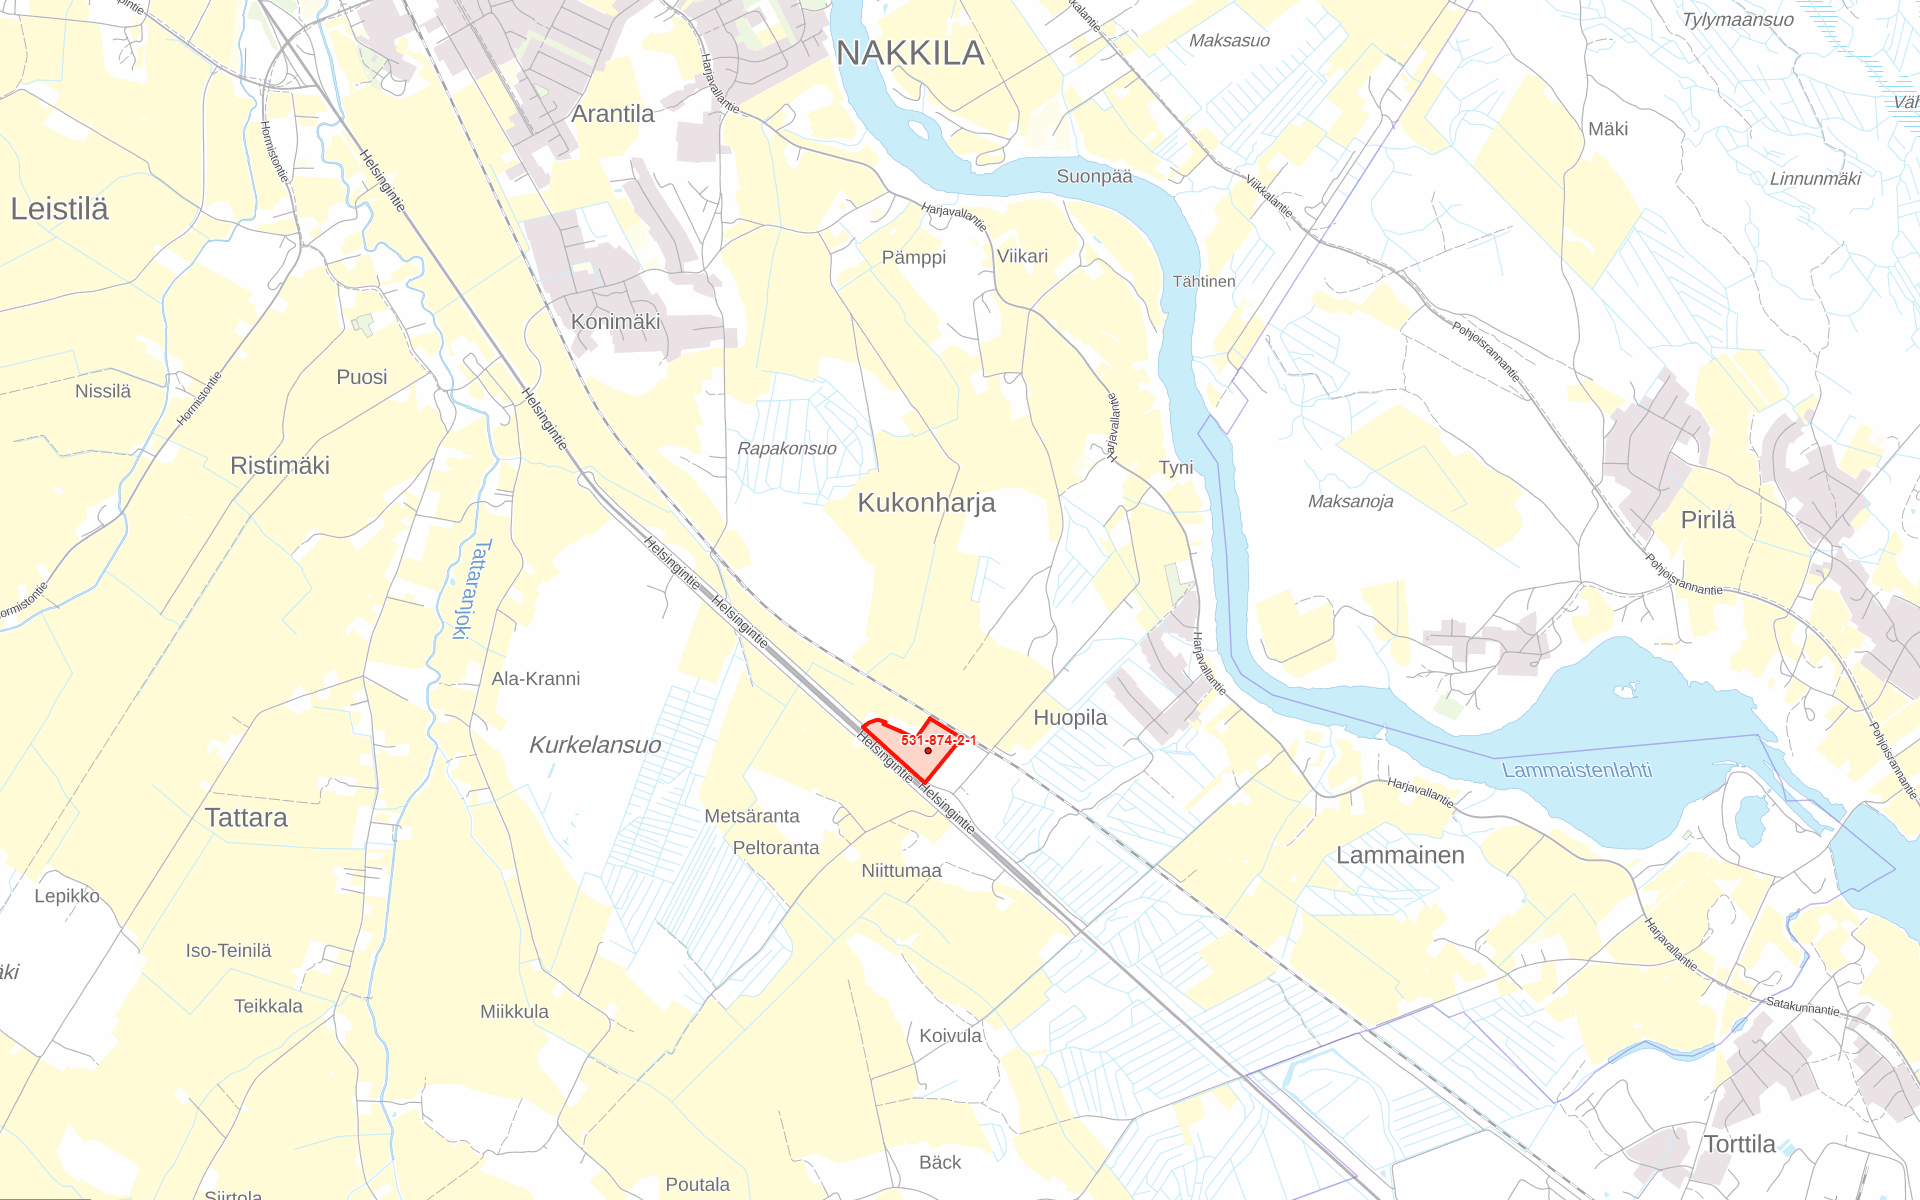 Nakkila Metsäkallo kartta